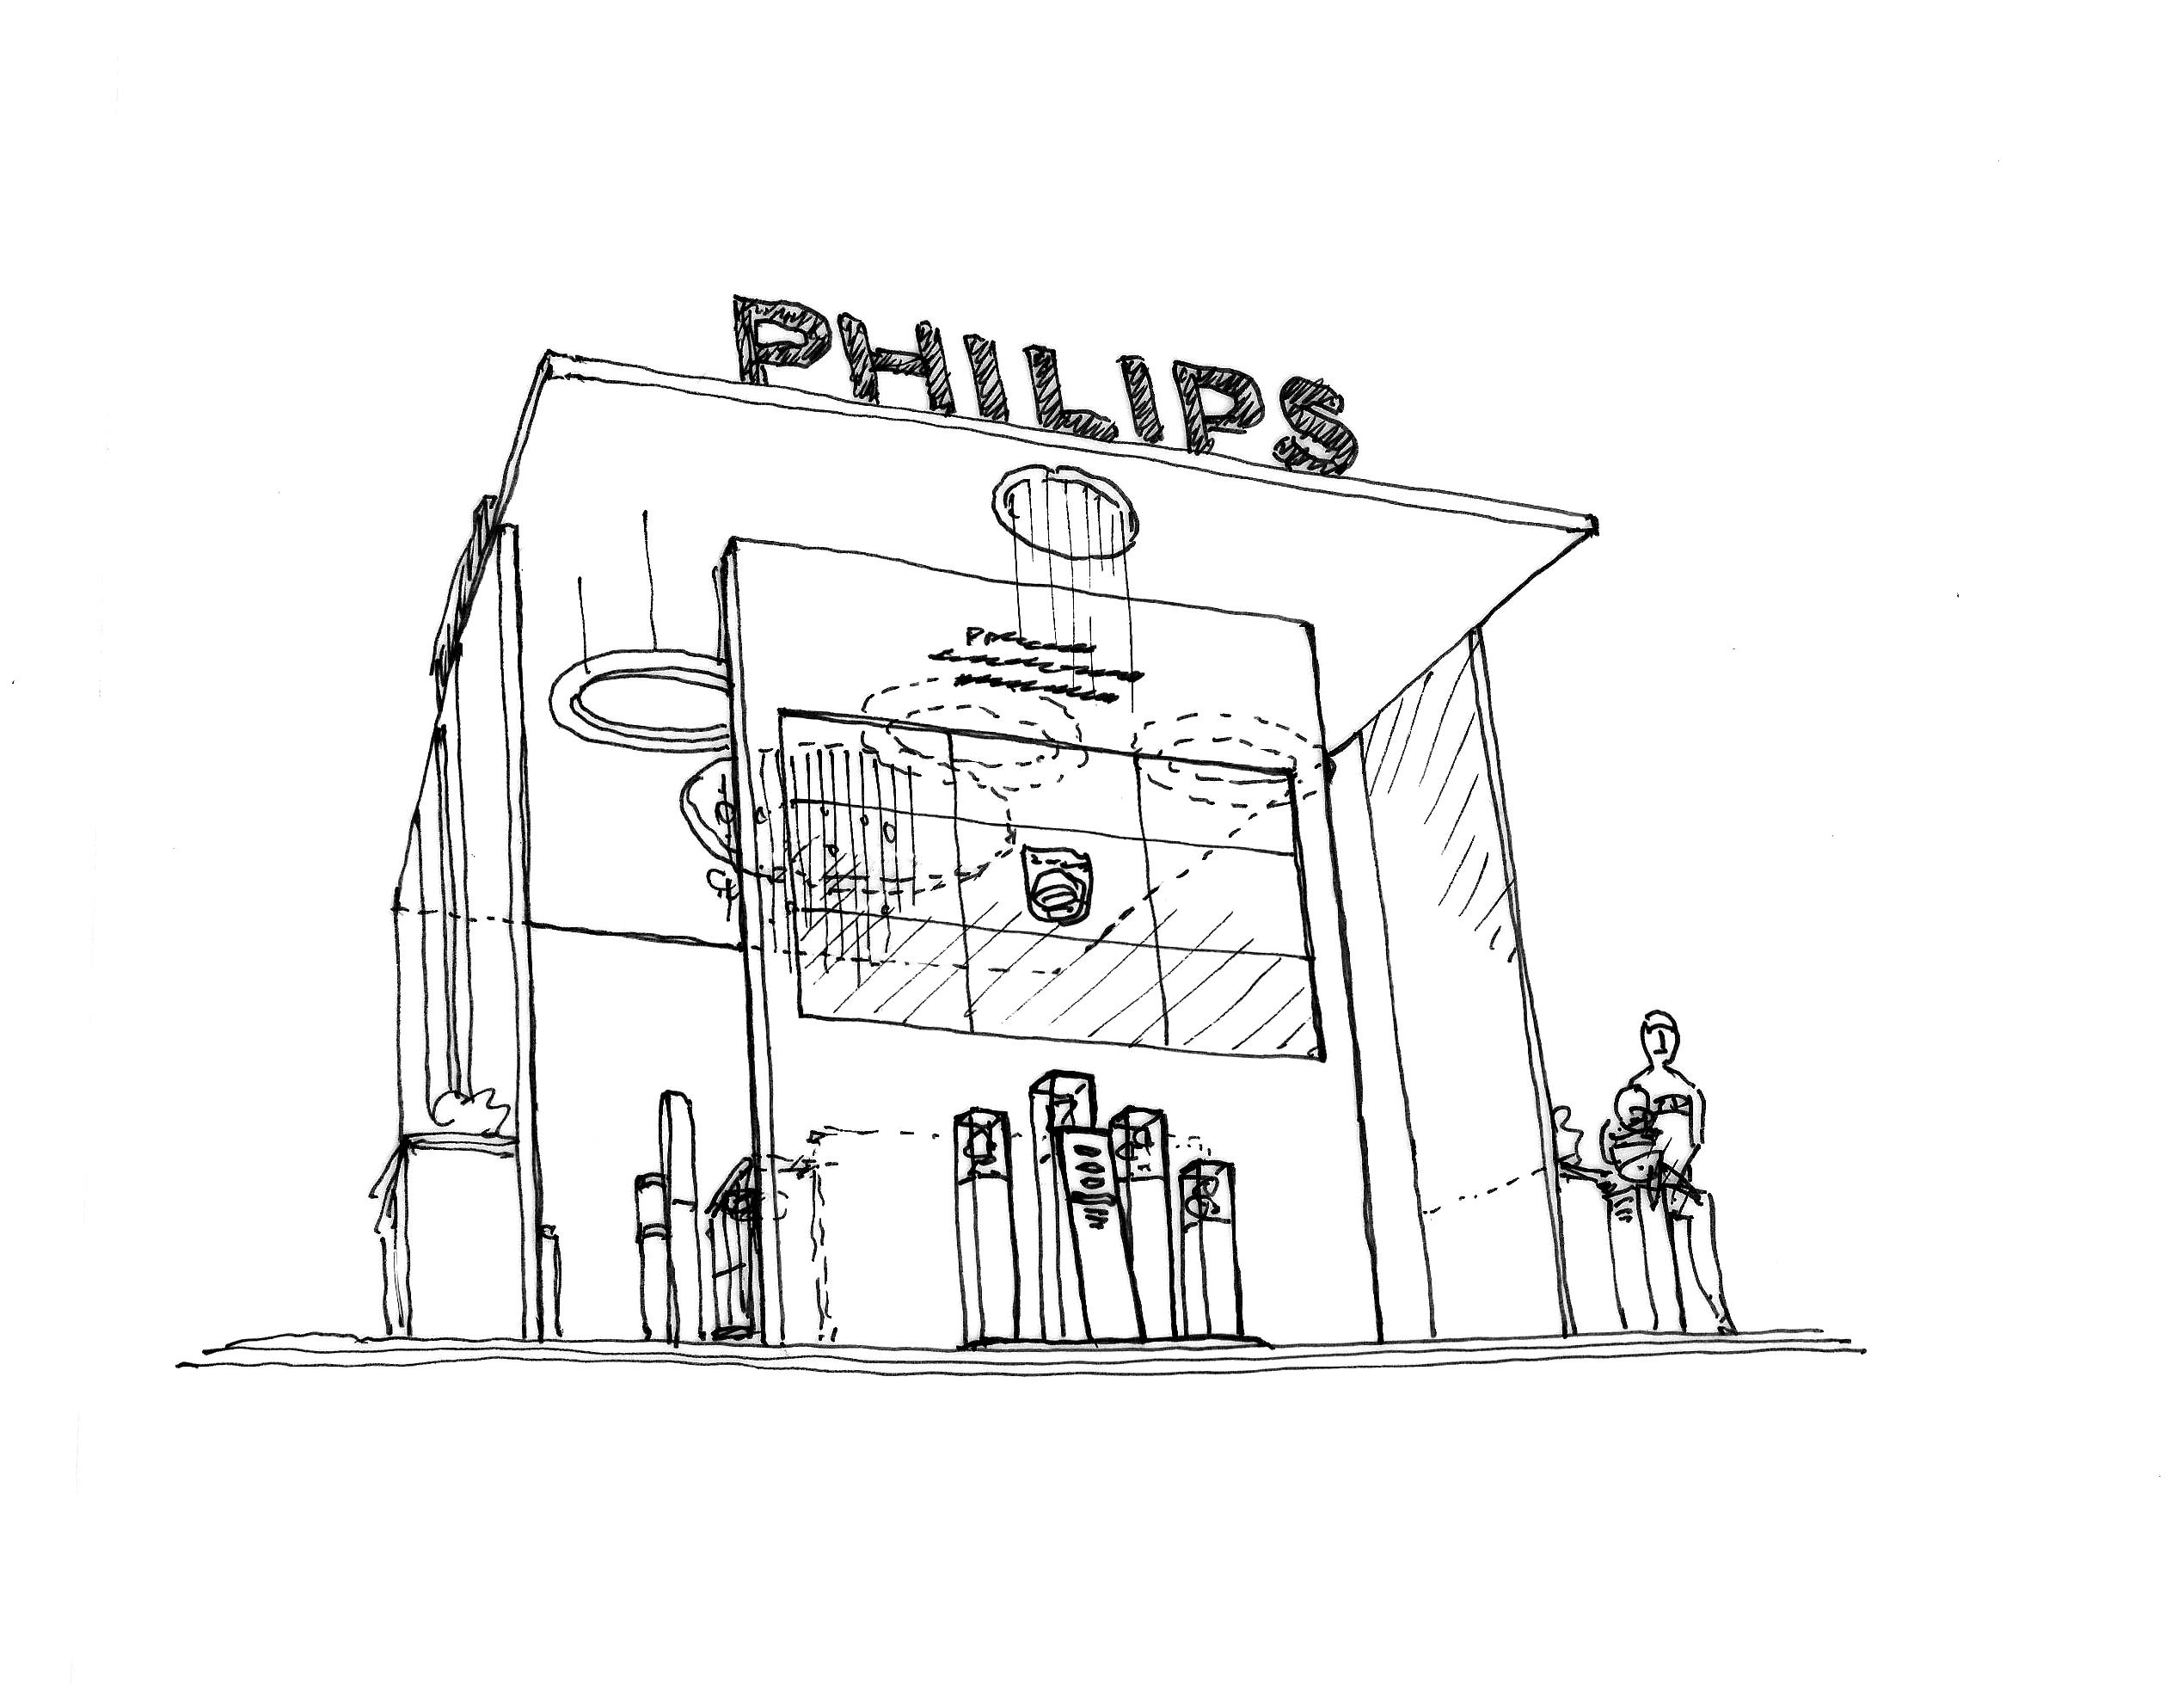 2540x1958 Philips Ers Congress Bdci